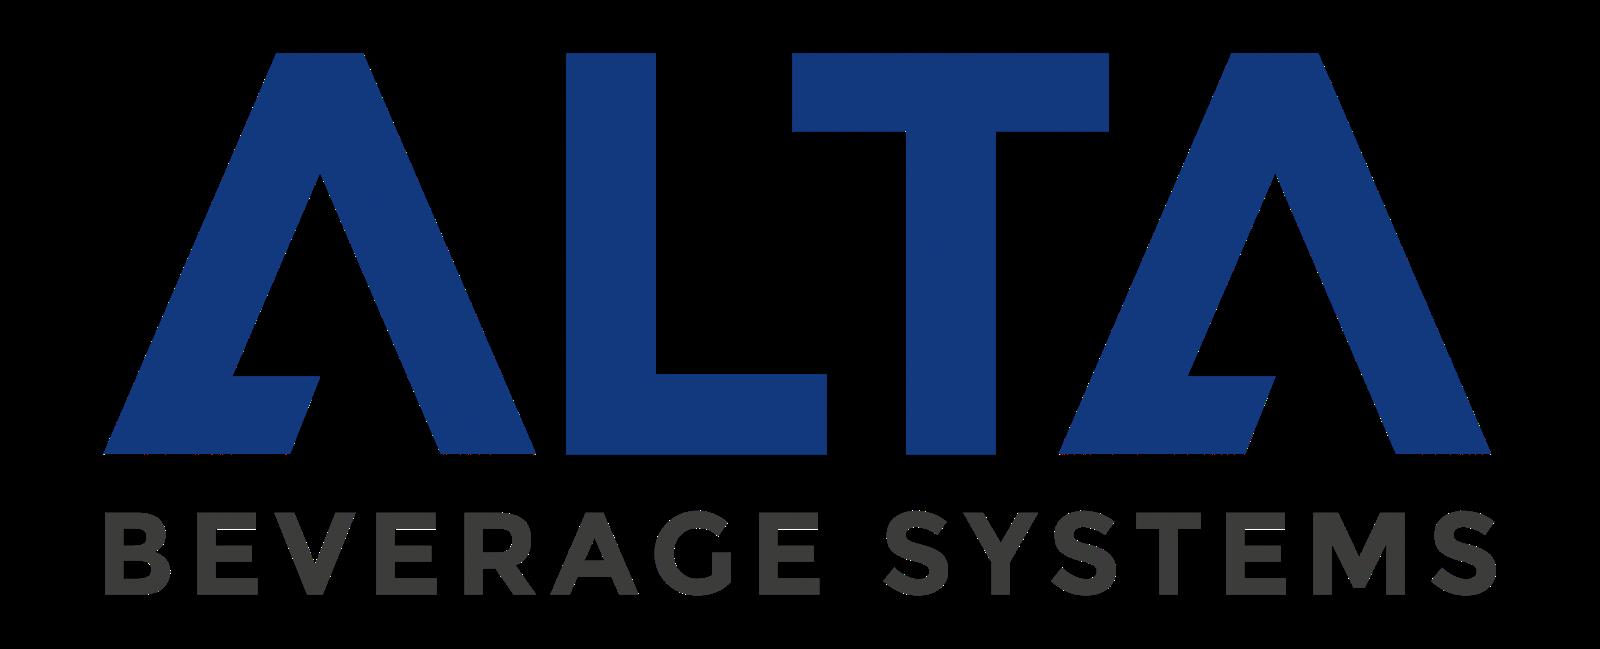 altabev logo